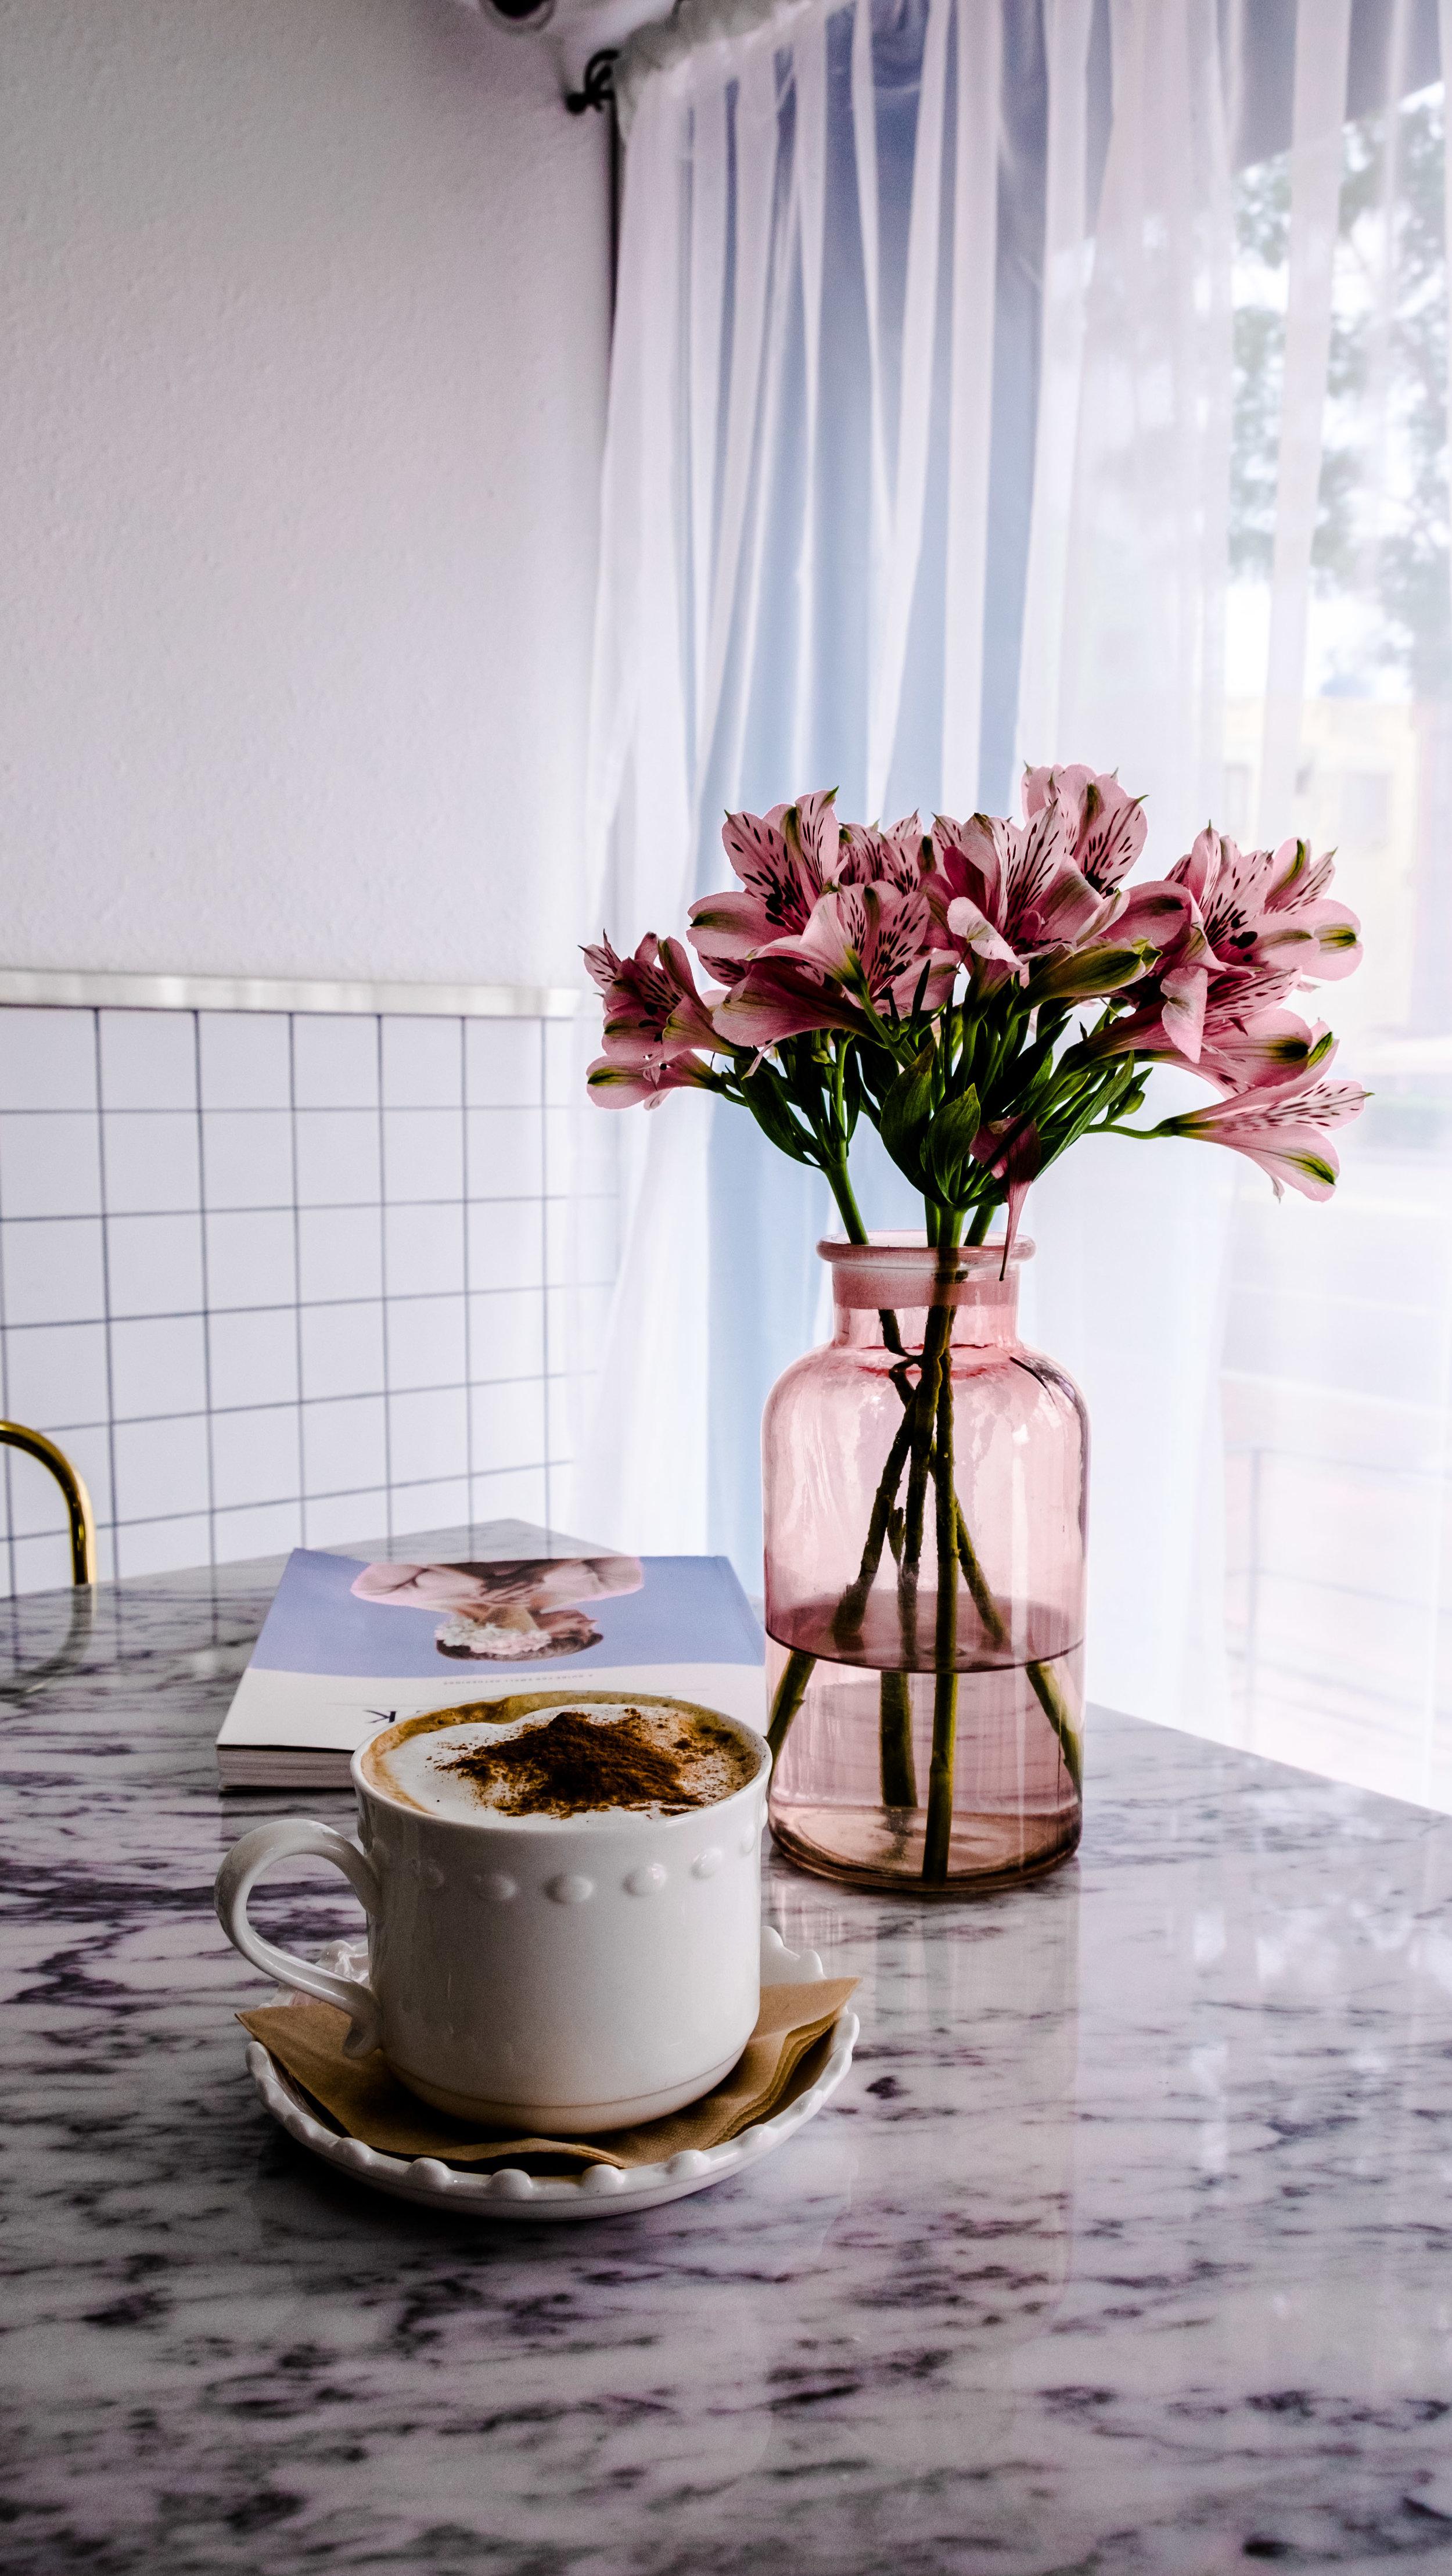 cappucino 2017 cafe mokpo